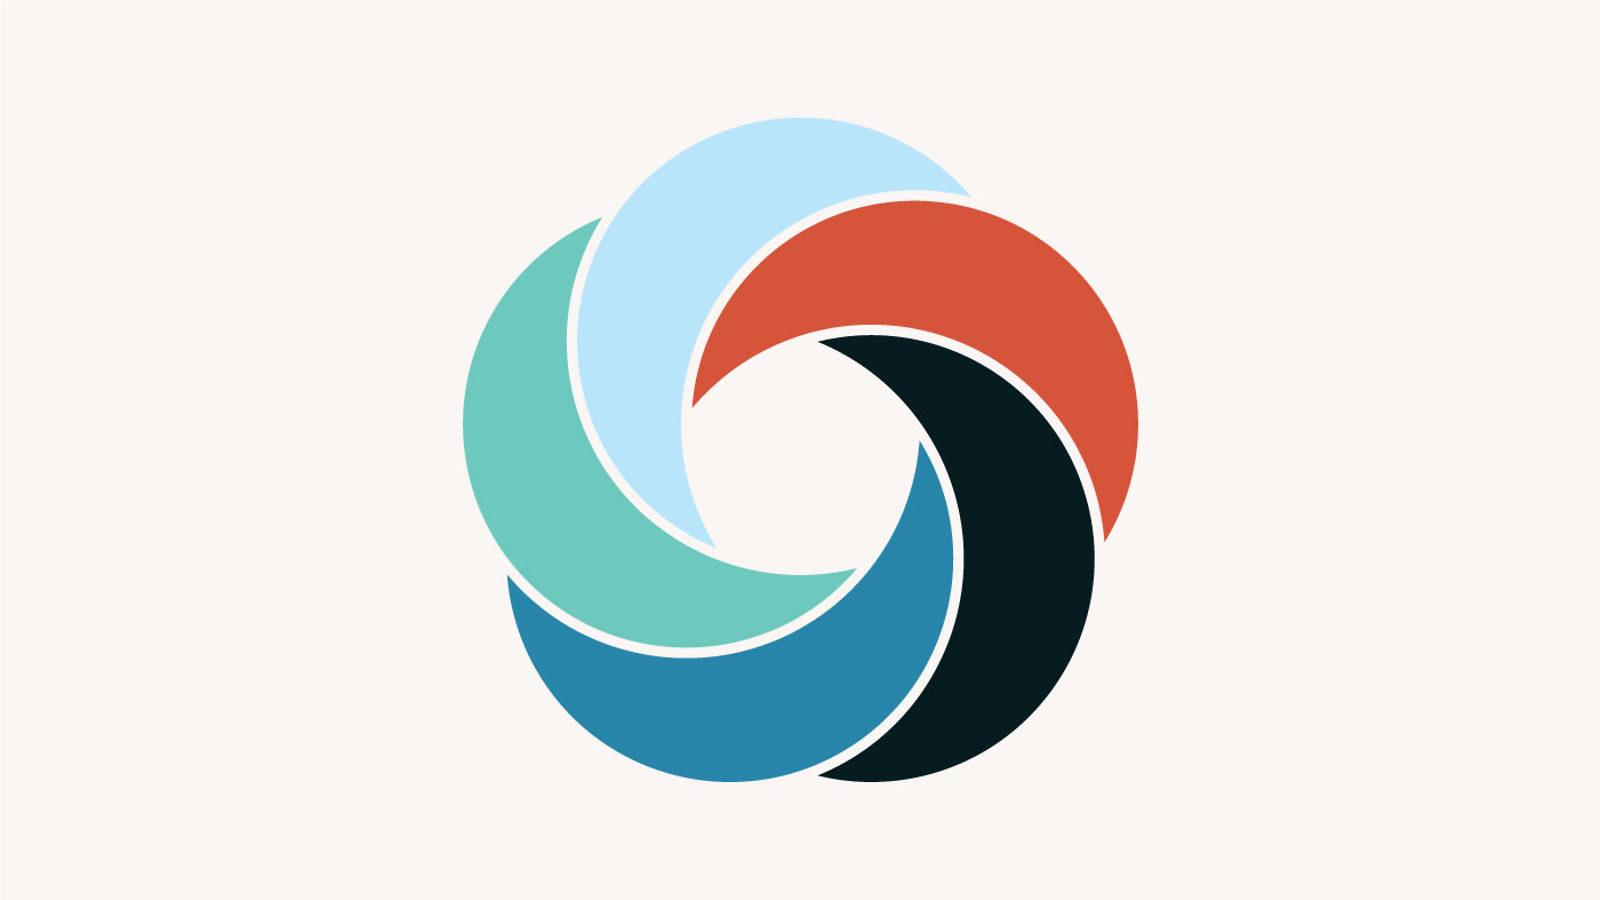 Vector of P5 logo